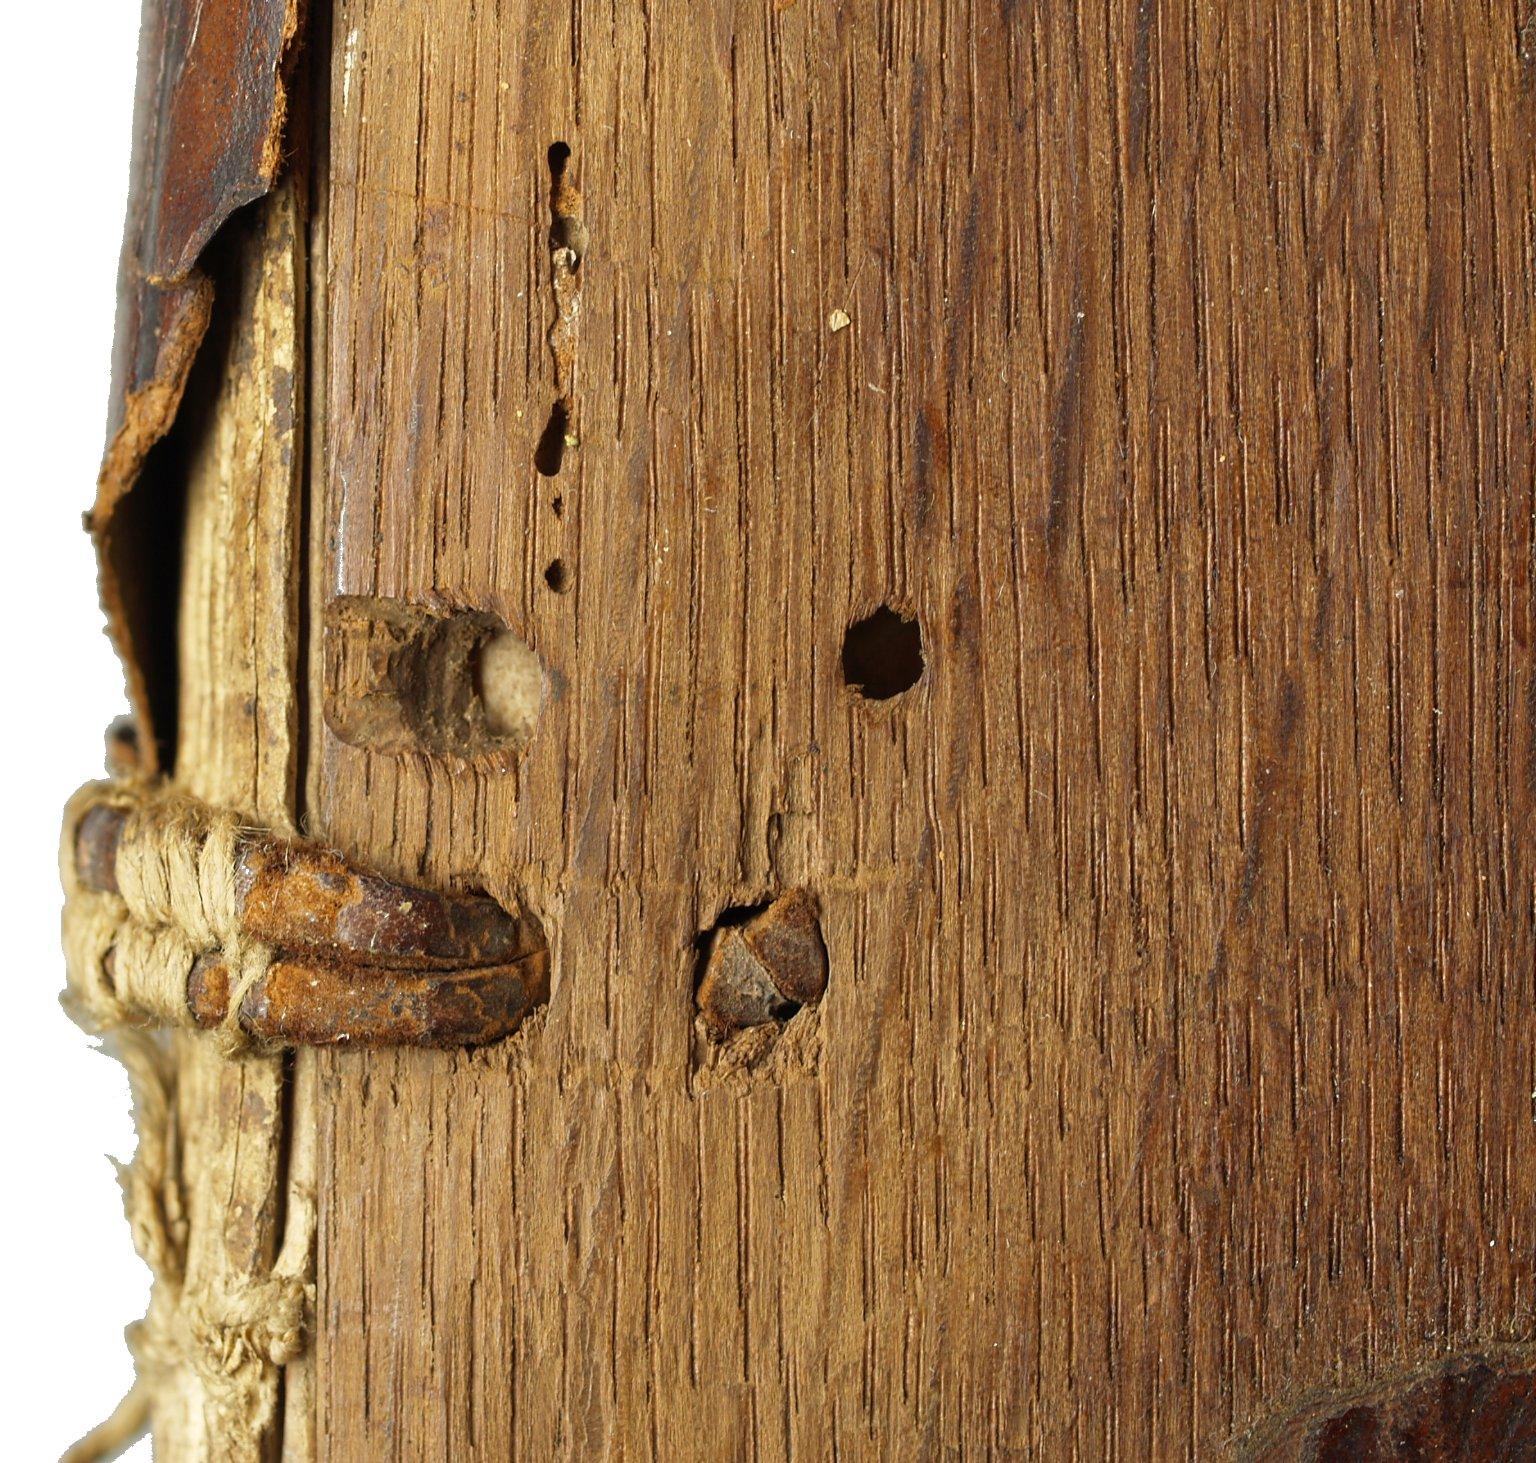 Thong lacing (detail), INC M26.